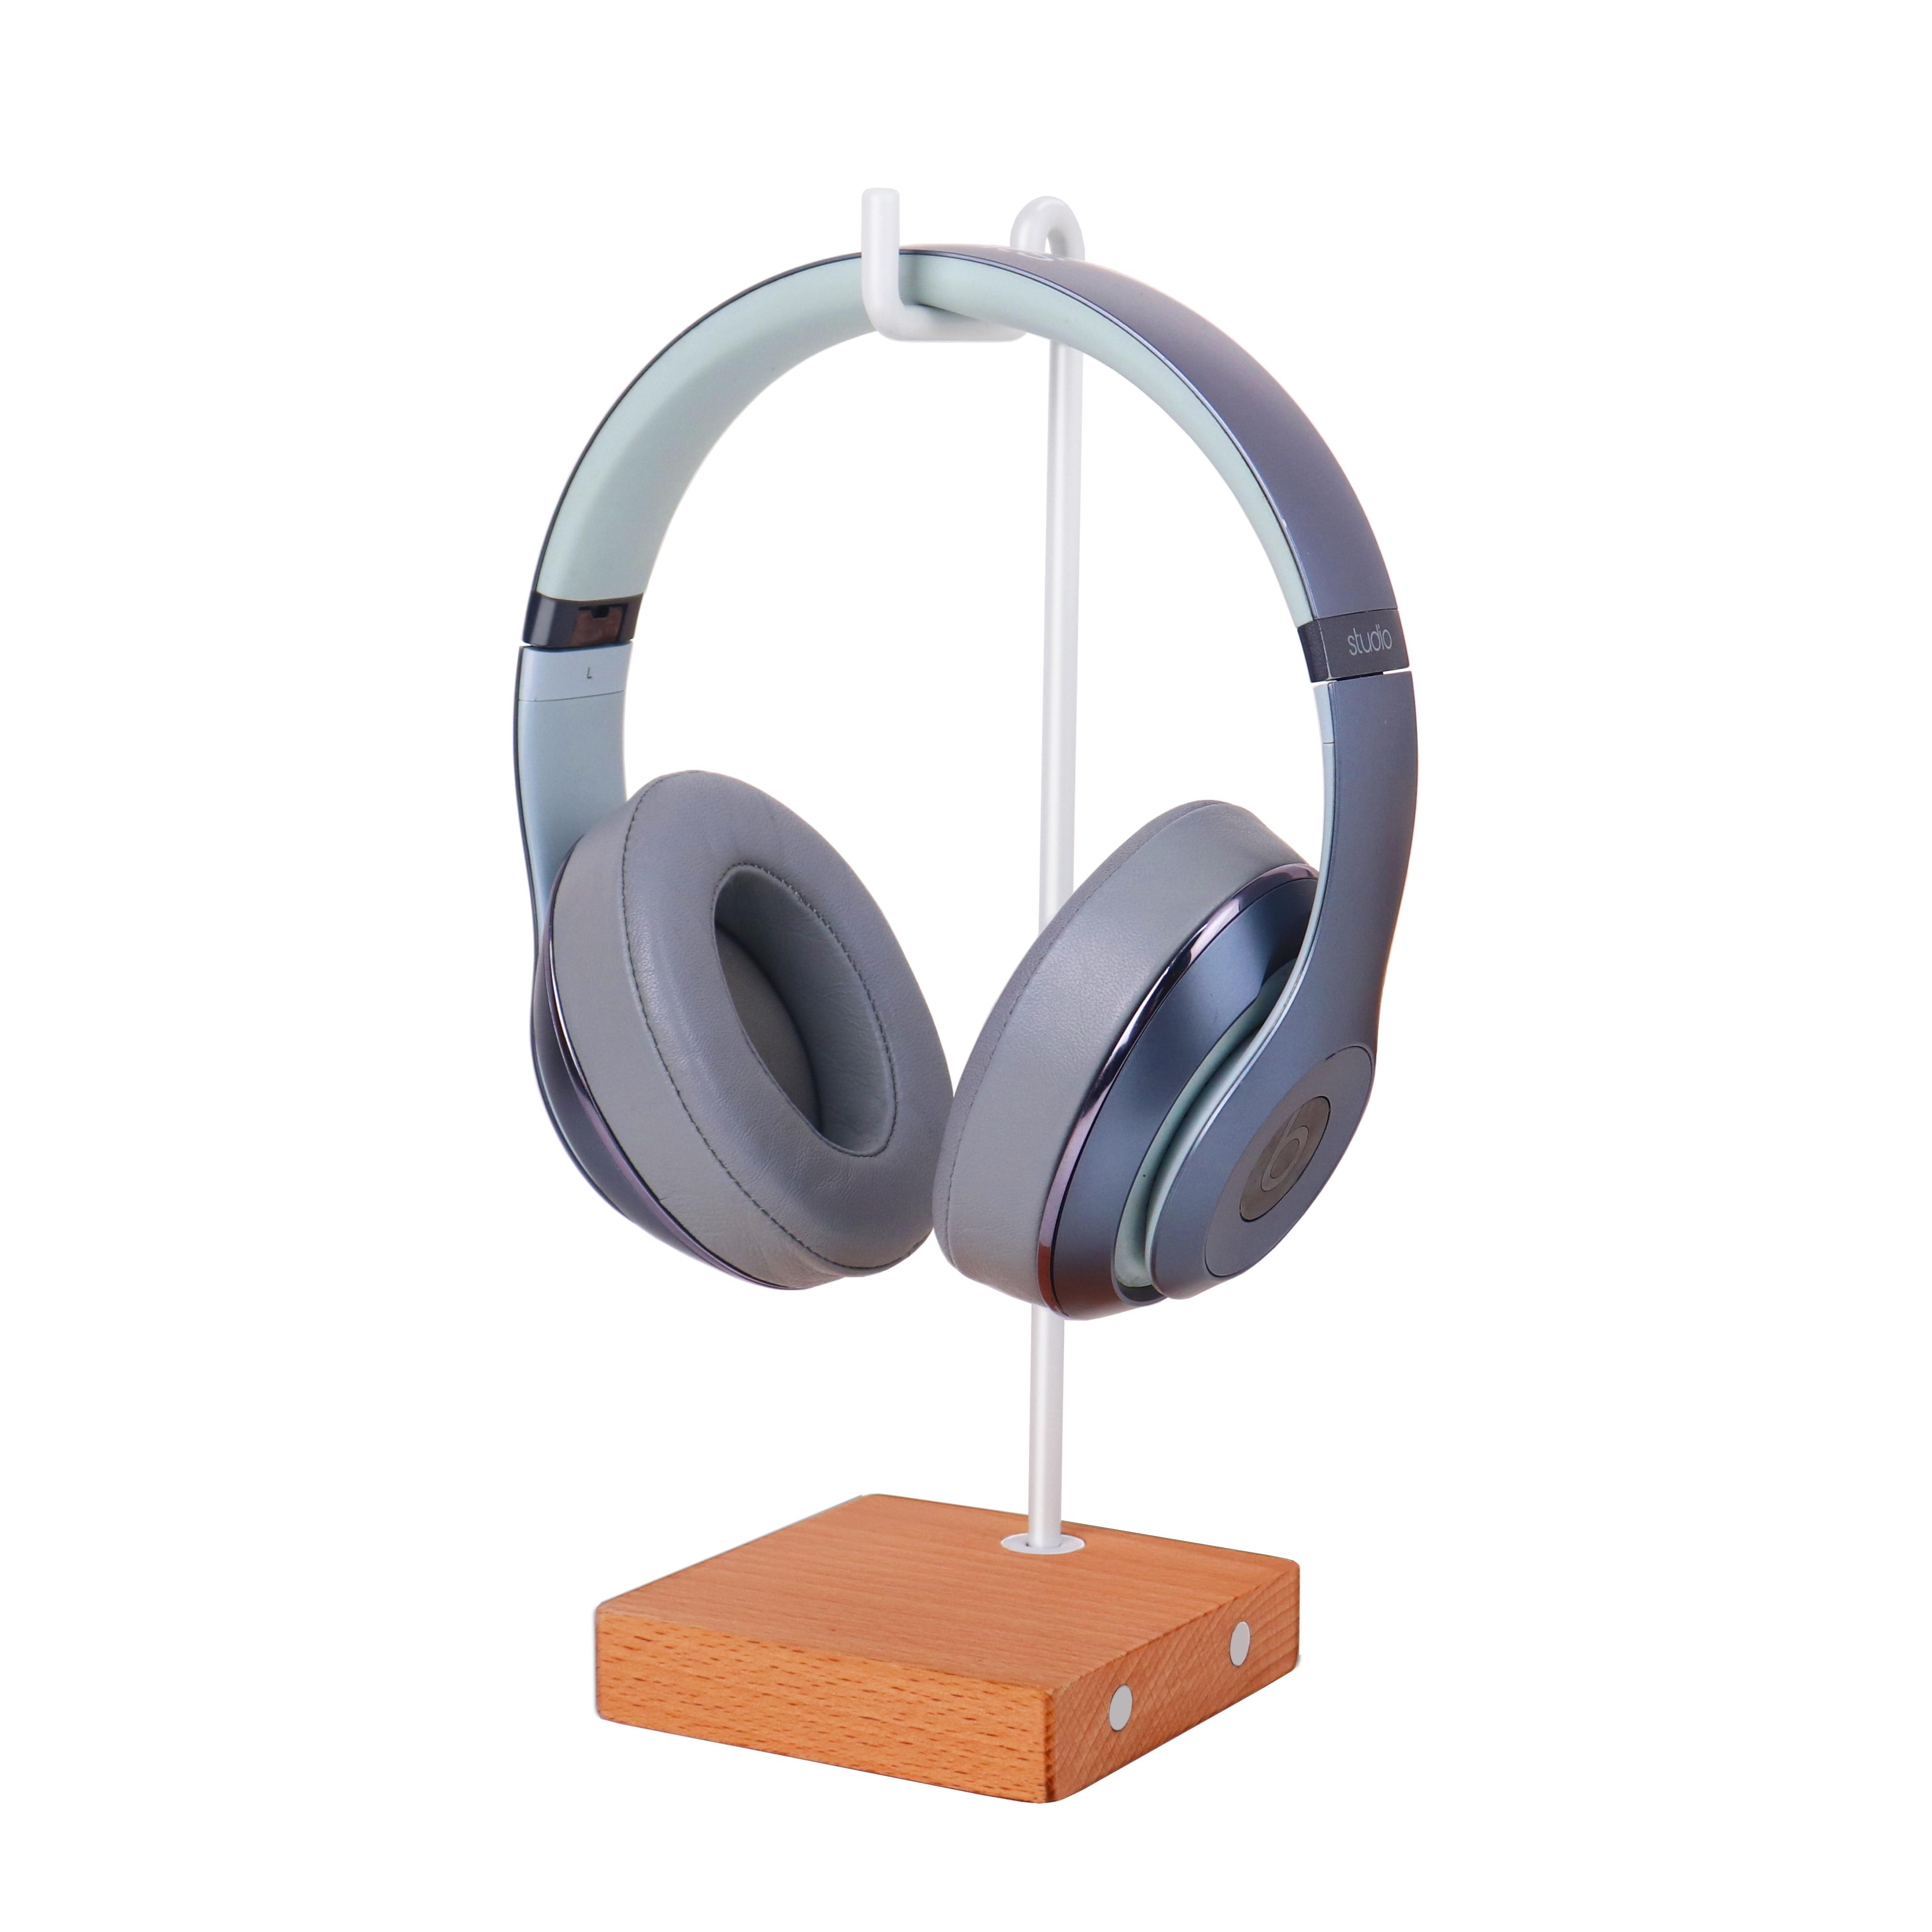 Wooden Headphone Desktop Stand Simple Display Wood Earphones Holder PC Monitor Wall Hook Desktop Mou